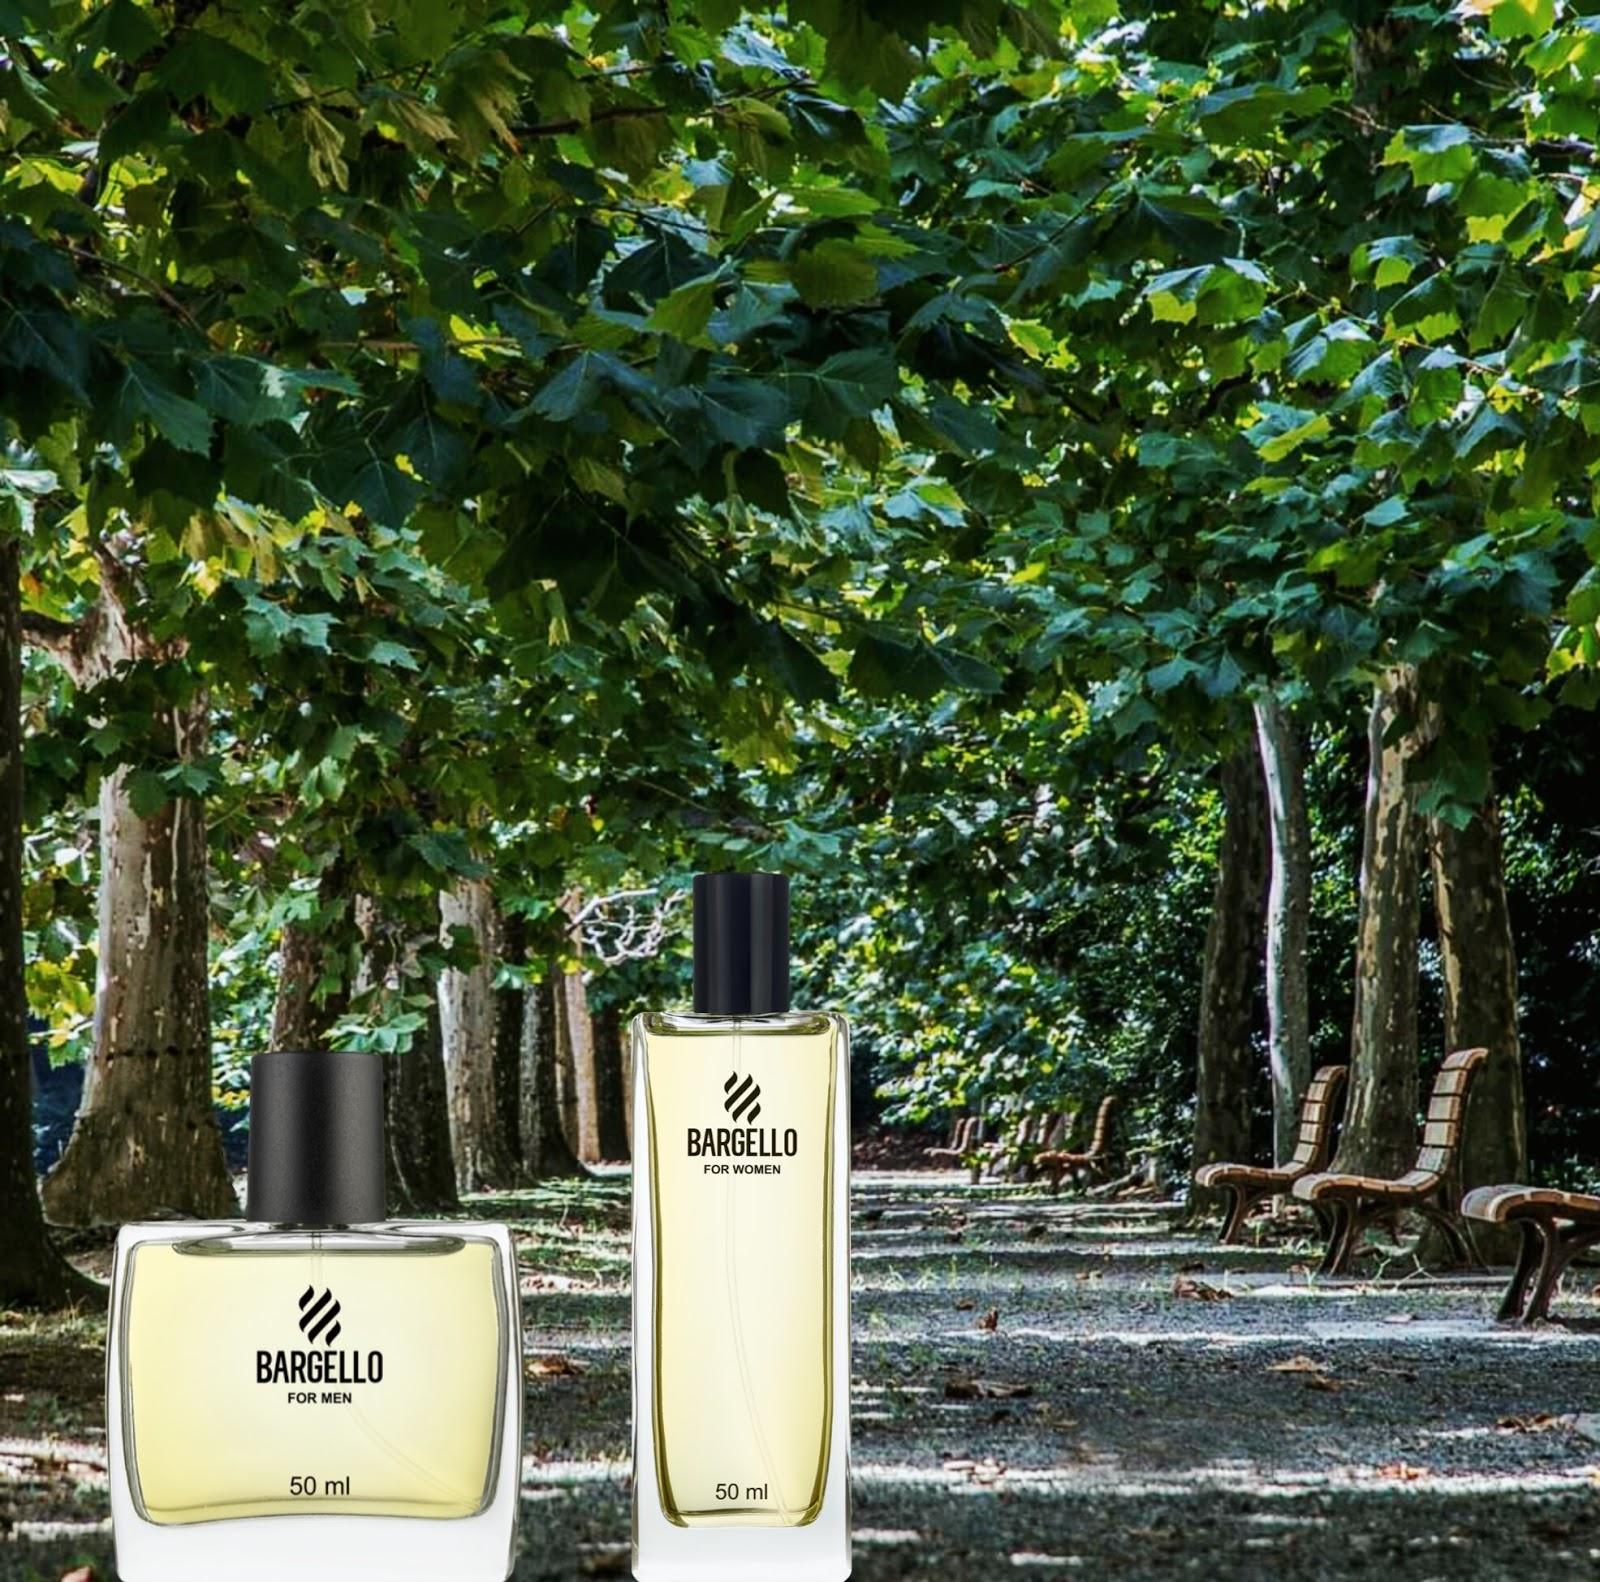 Bargello Parfüm En Sevilen Parfüm Kodlari Kelebek Etkisi Makyaj